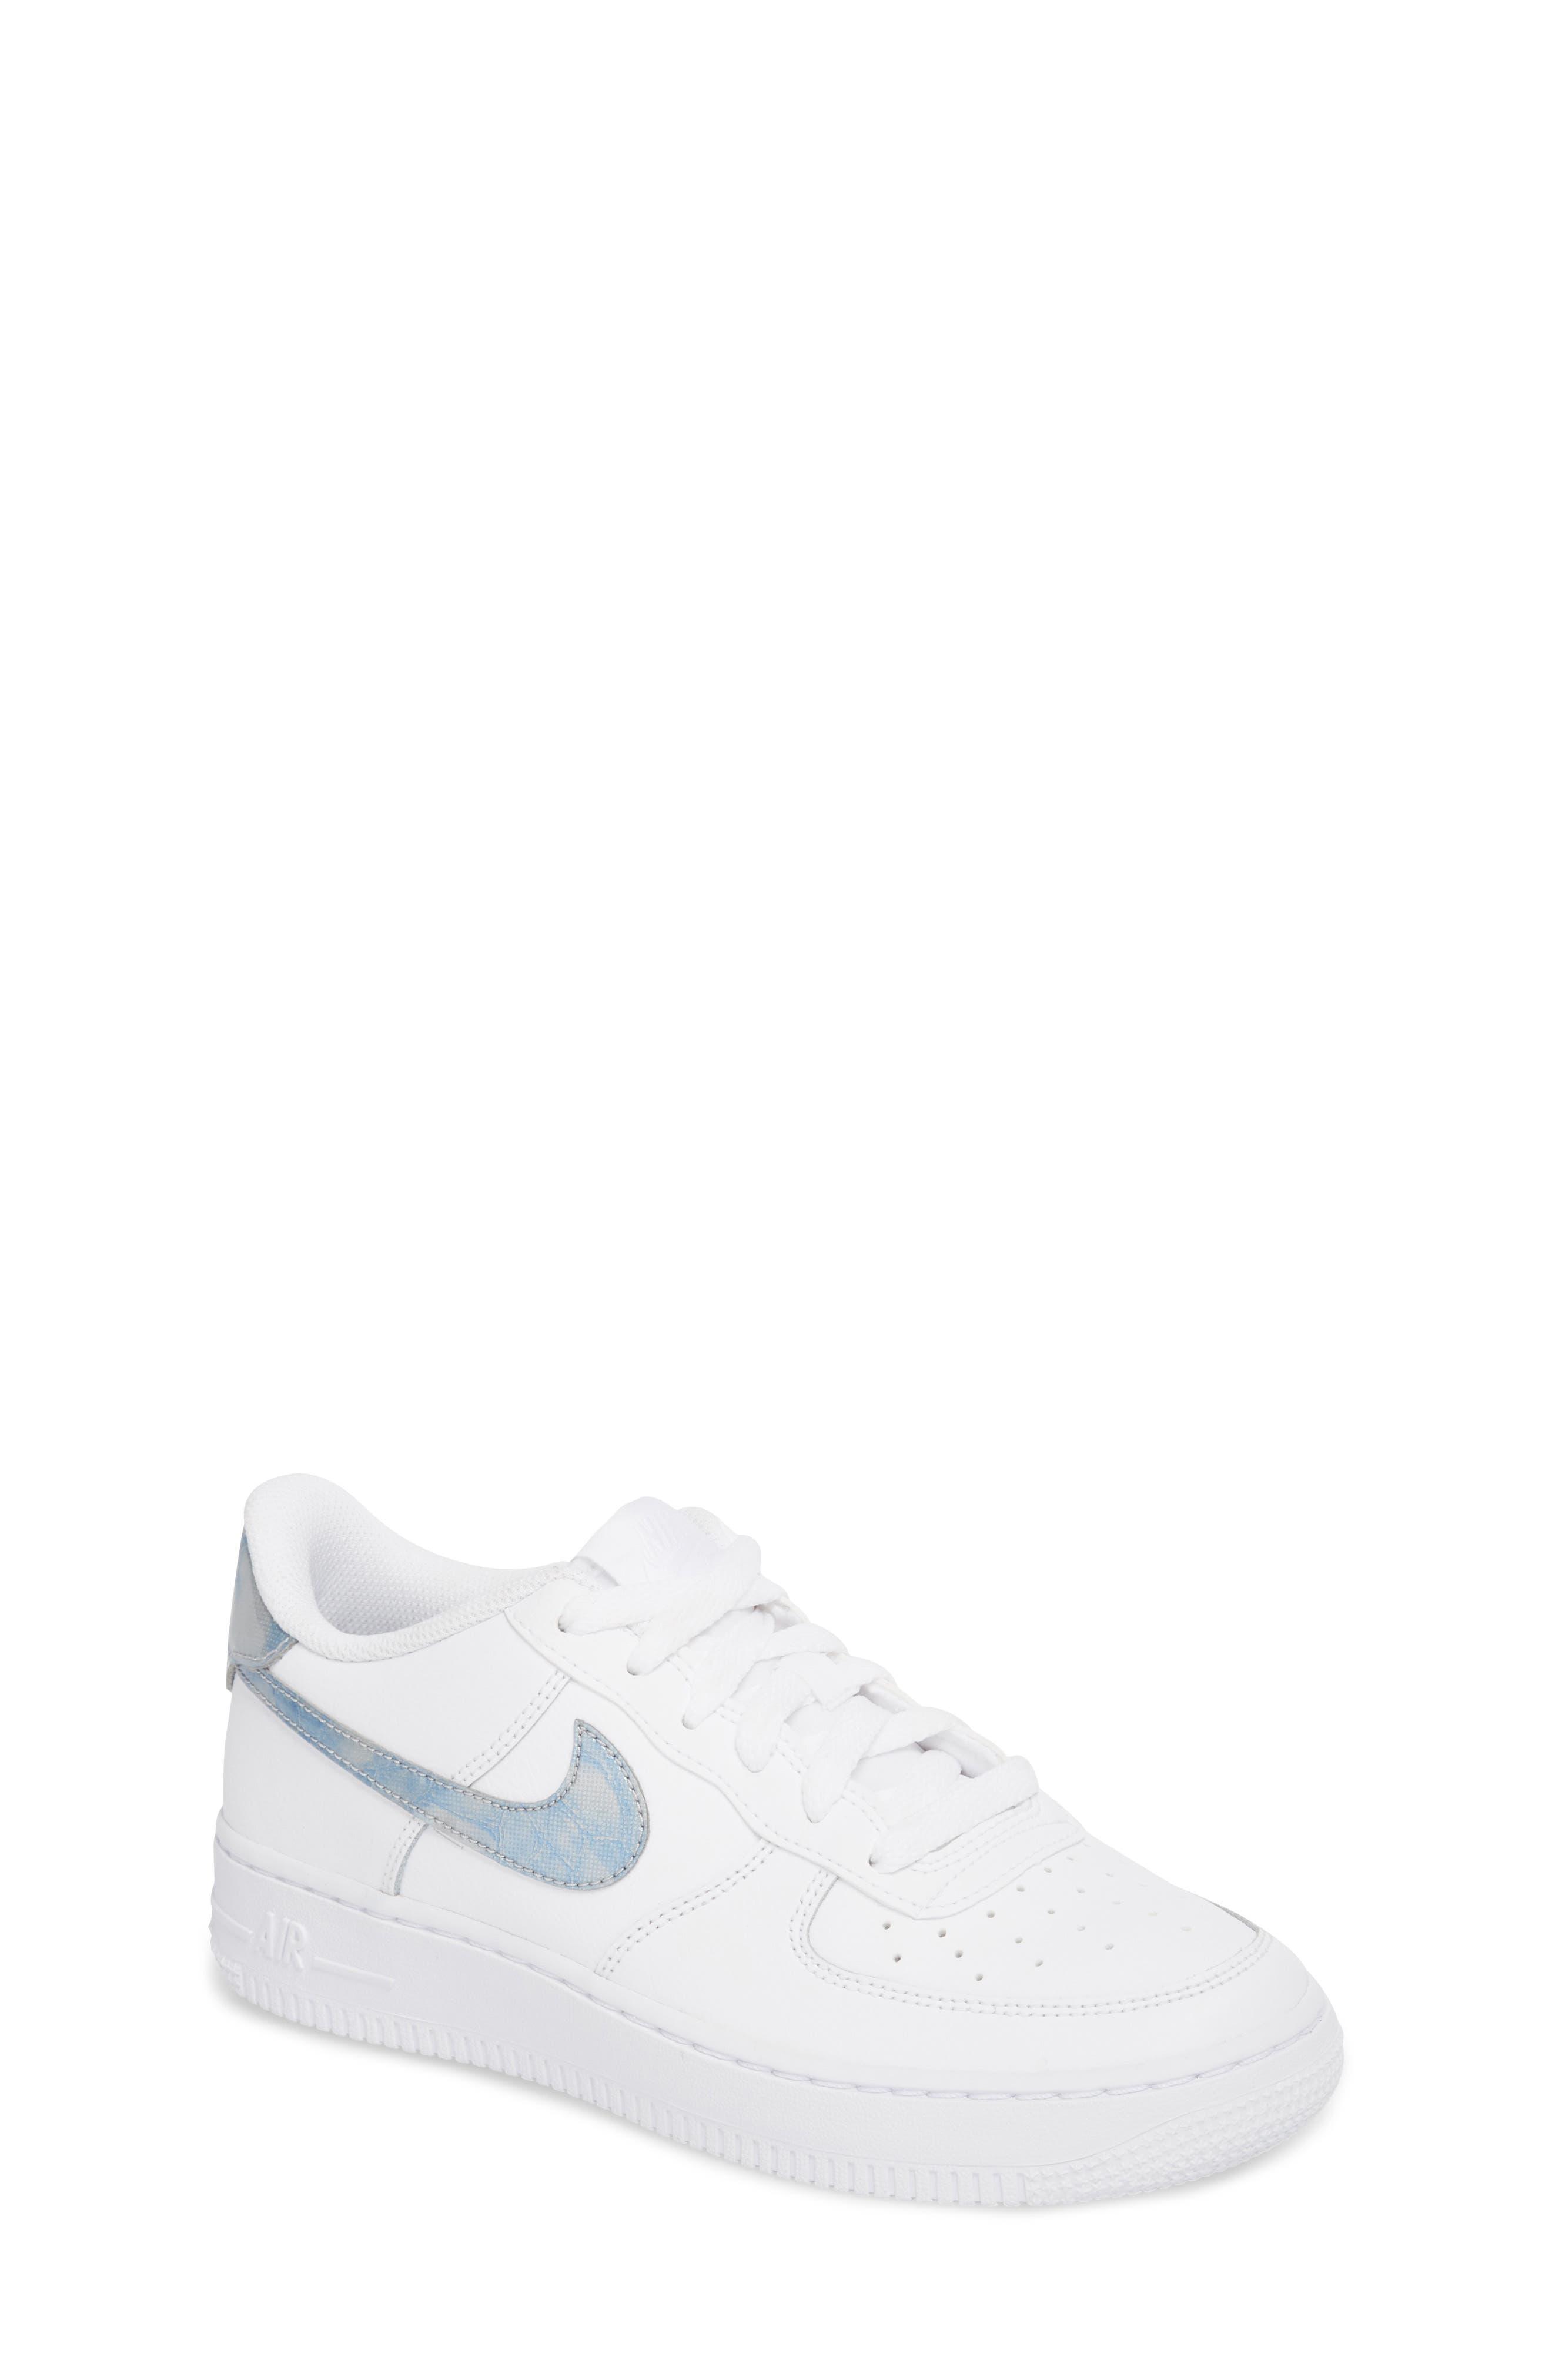 NIKE, Air Force 1 '06 Sneaker, Main thumbnail 1, color, 131